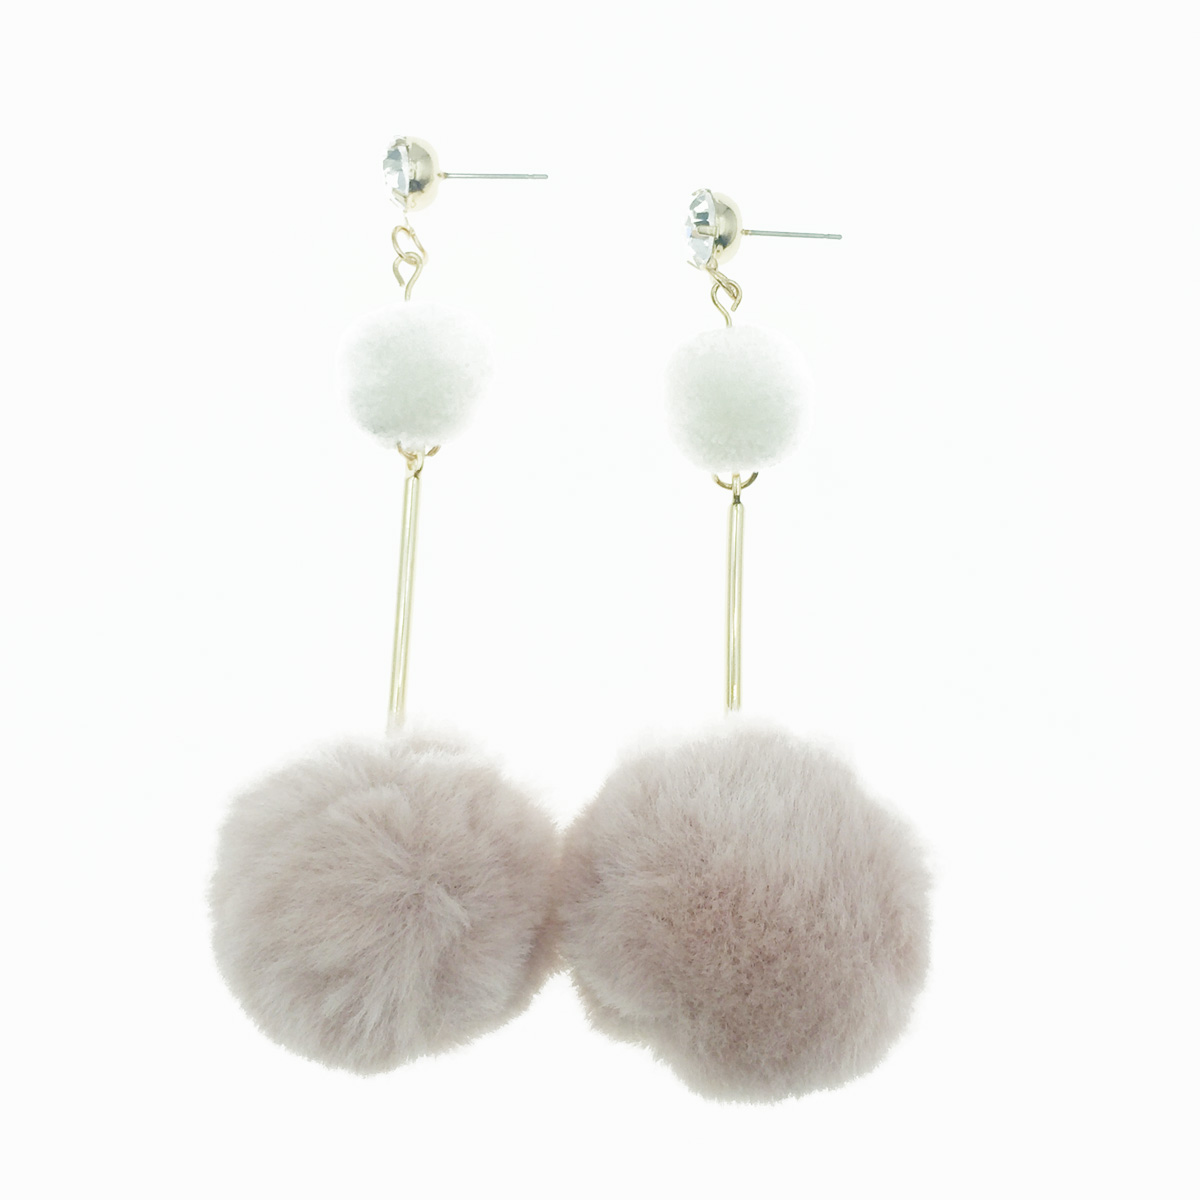 韓國 925純銀 毛球 水鑽 甜美風 垂墜感 耳針式耳環